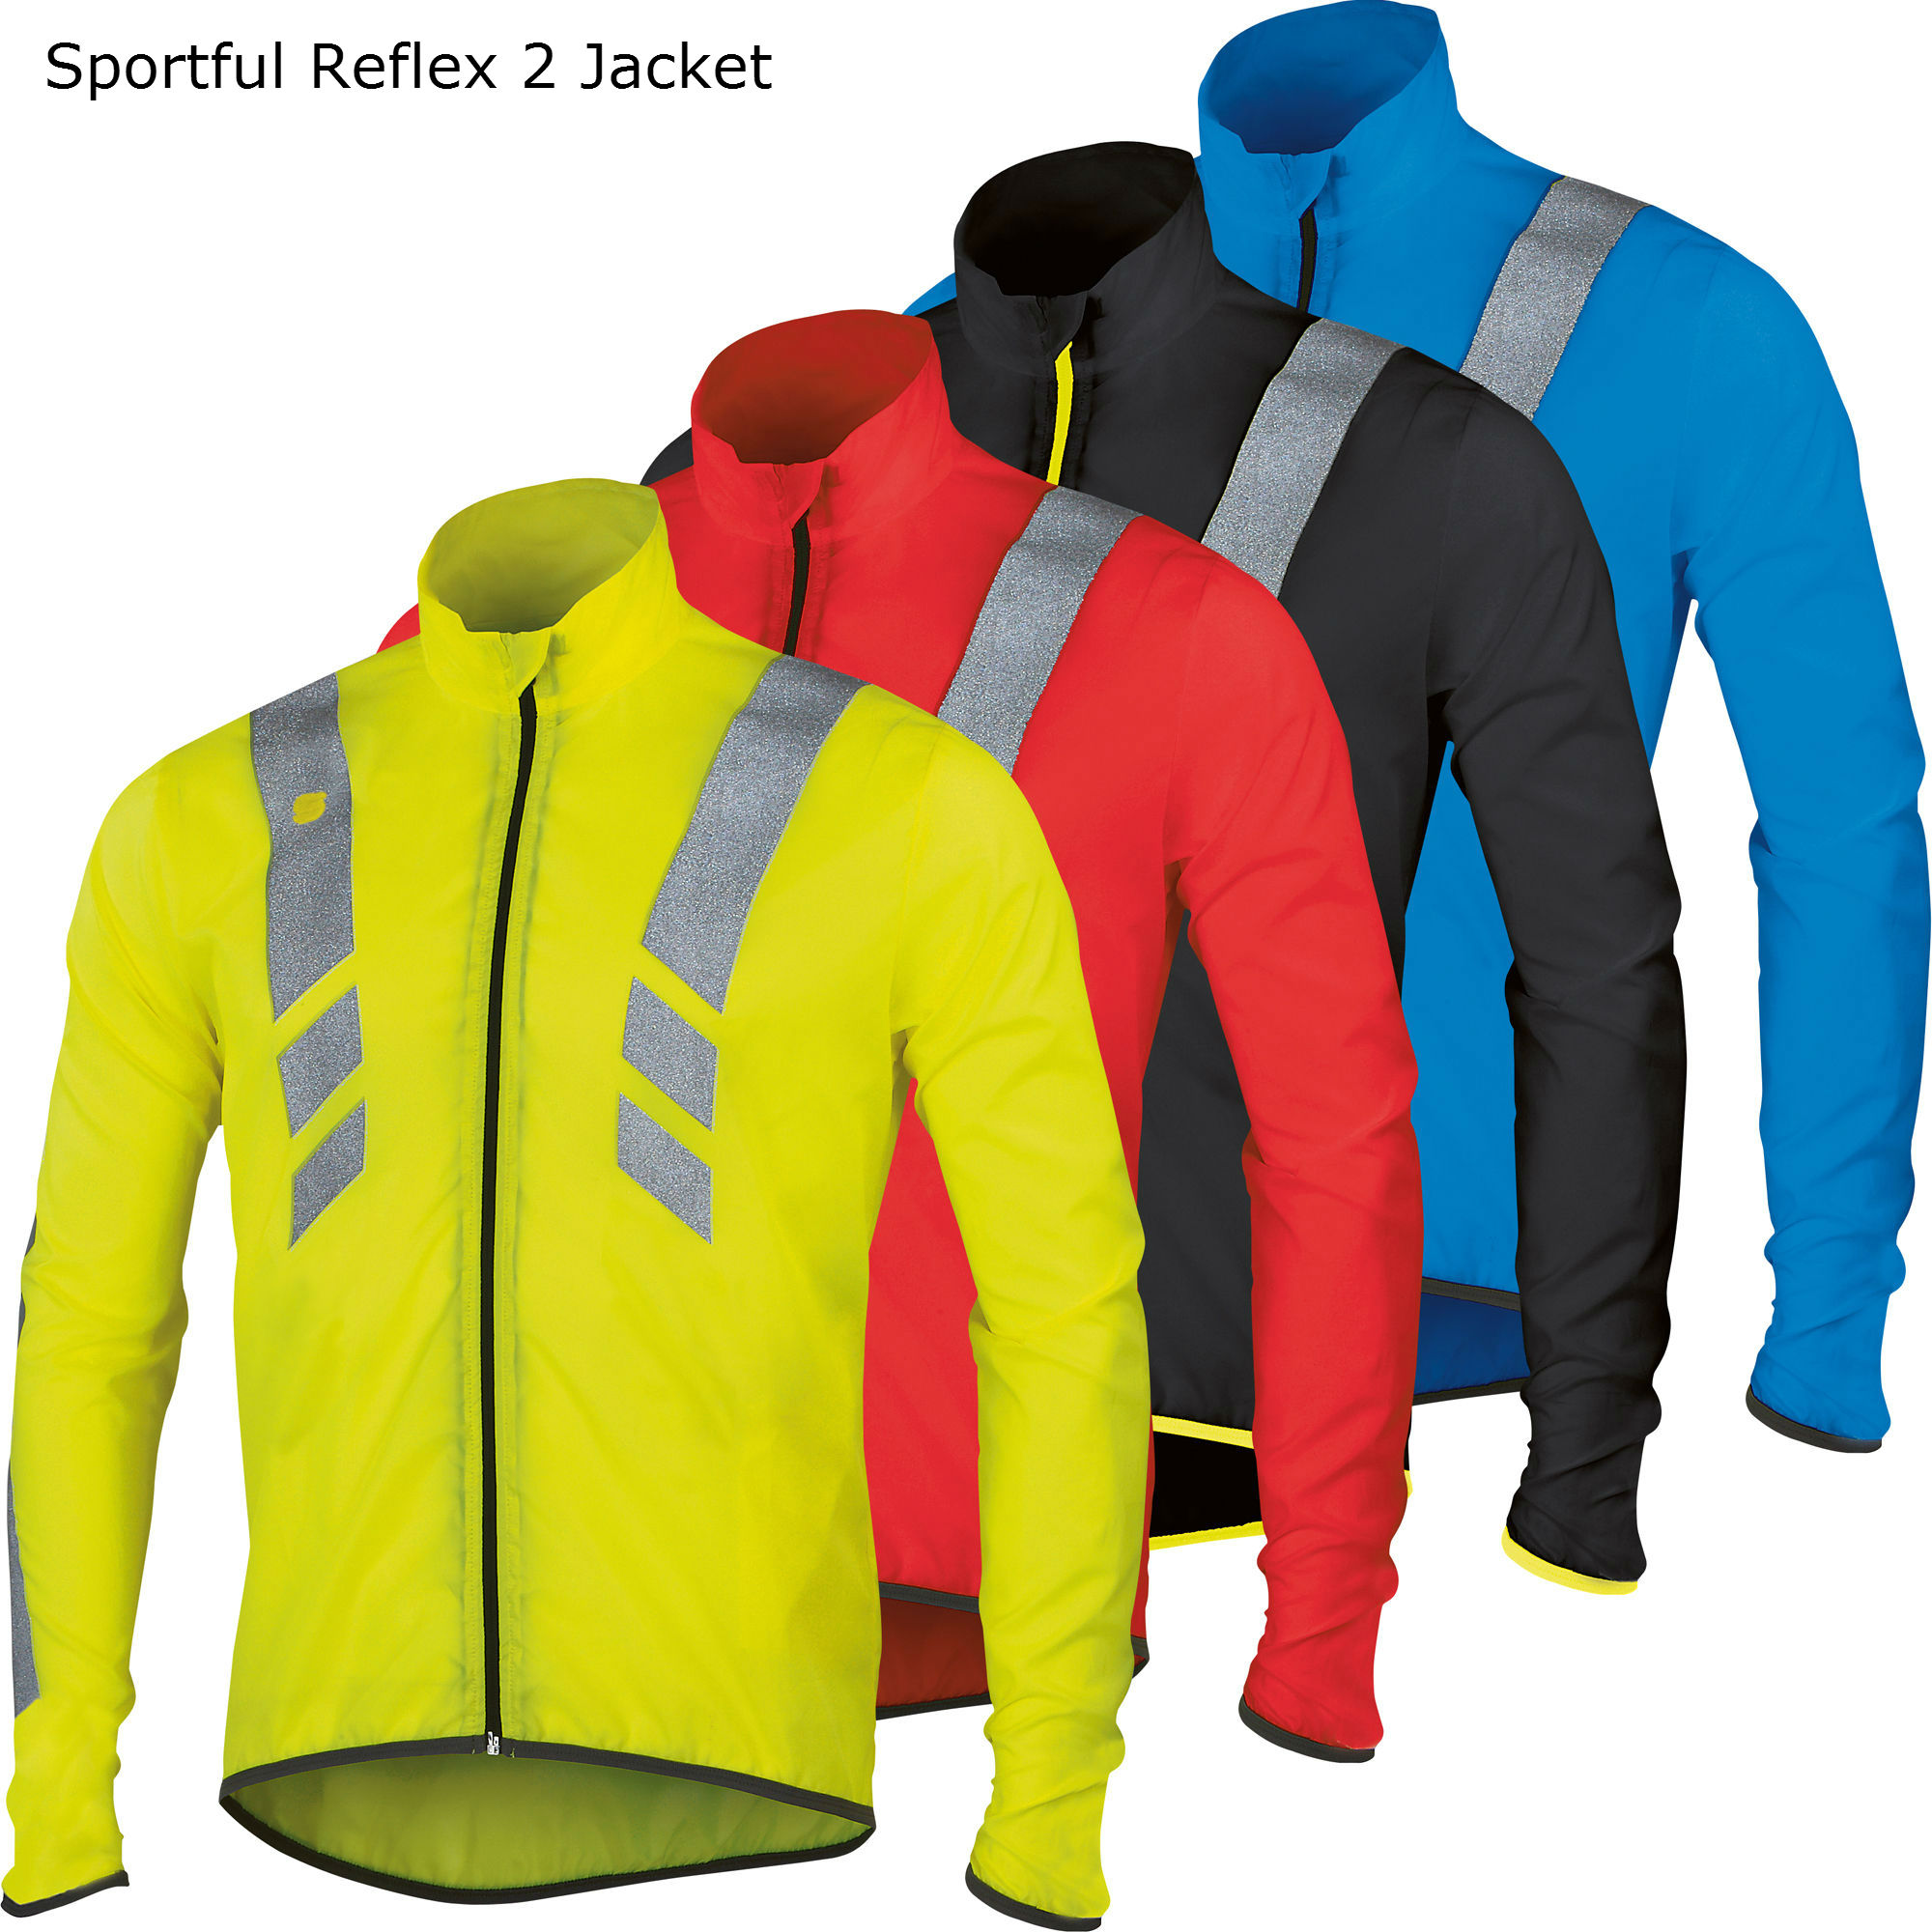 sportful-reflex-2-jacket-12-hrs